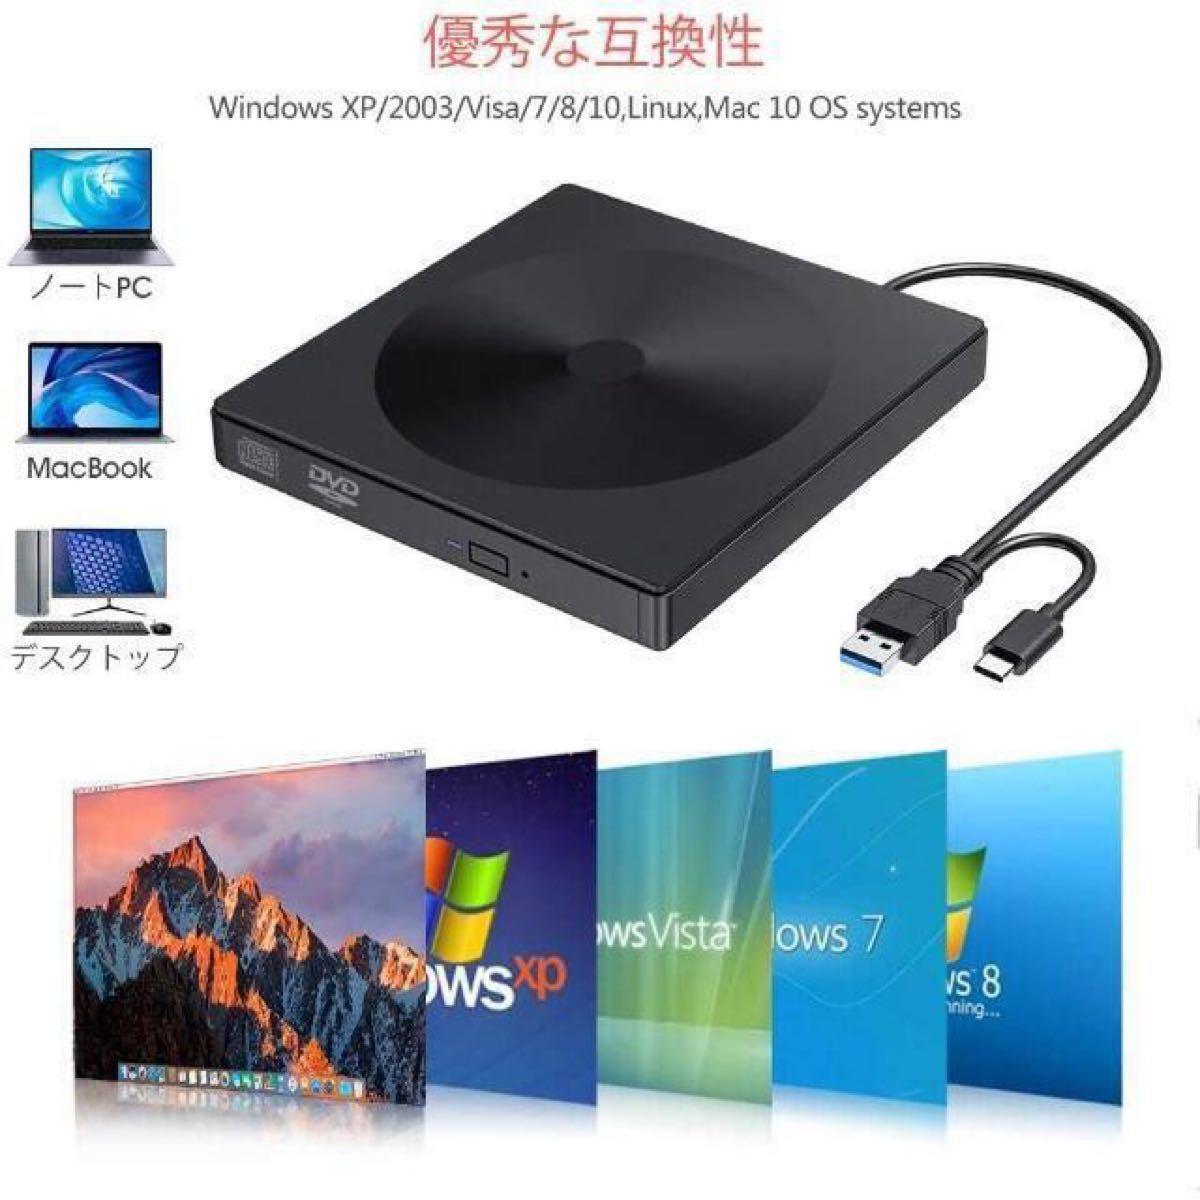 USB 3.0 Type-C 外付け CD DVD ドライブ DVD±RW CD-RW 二種インターフェース搭載